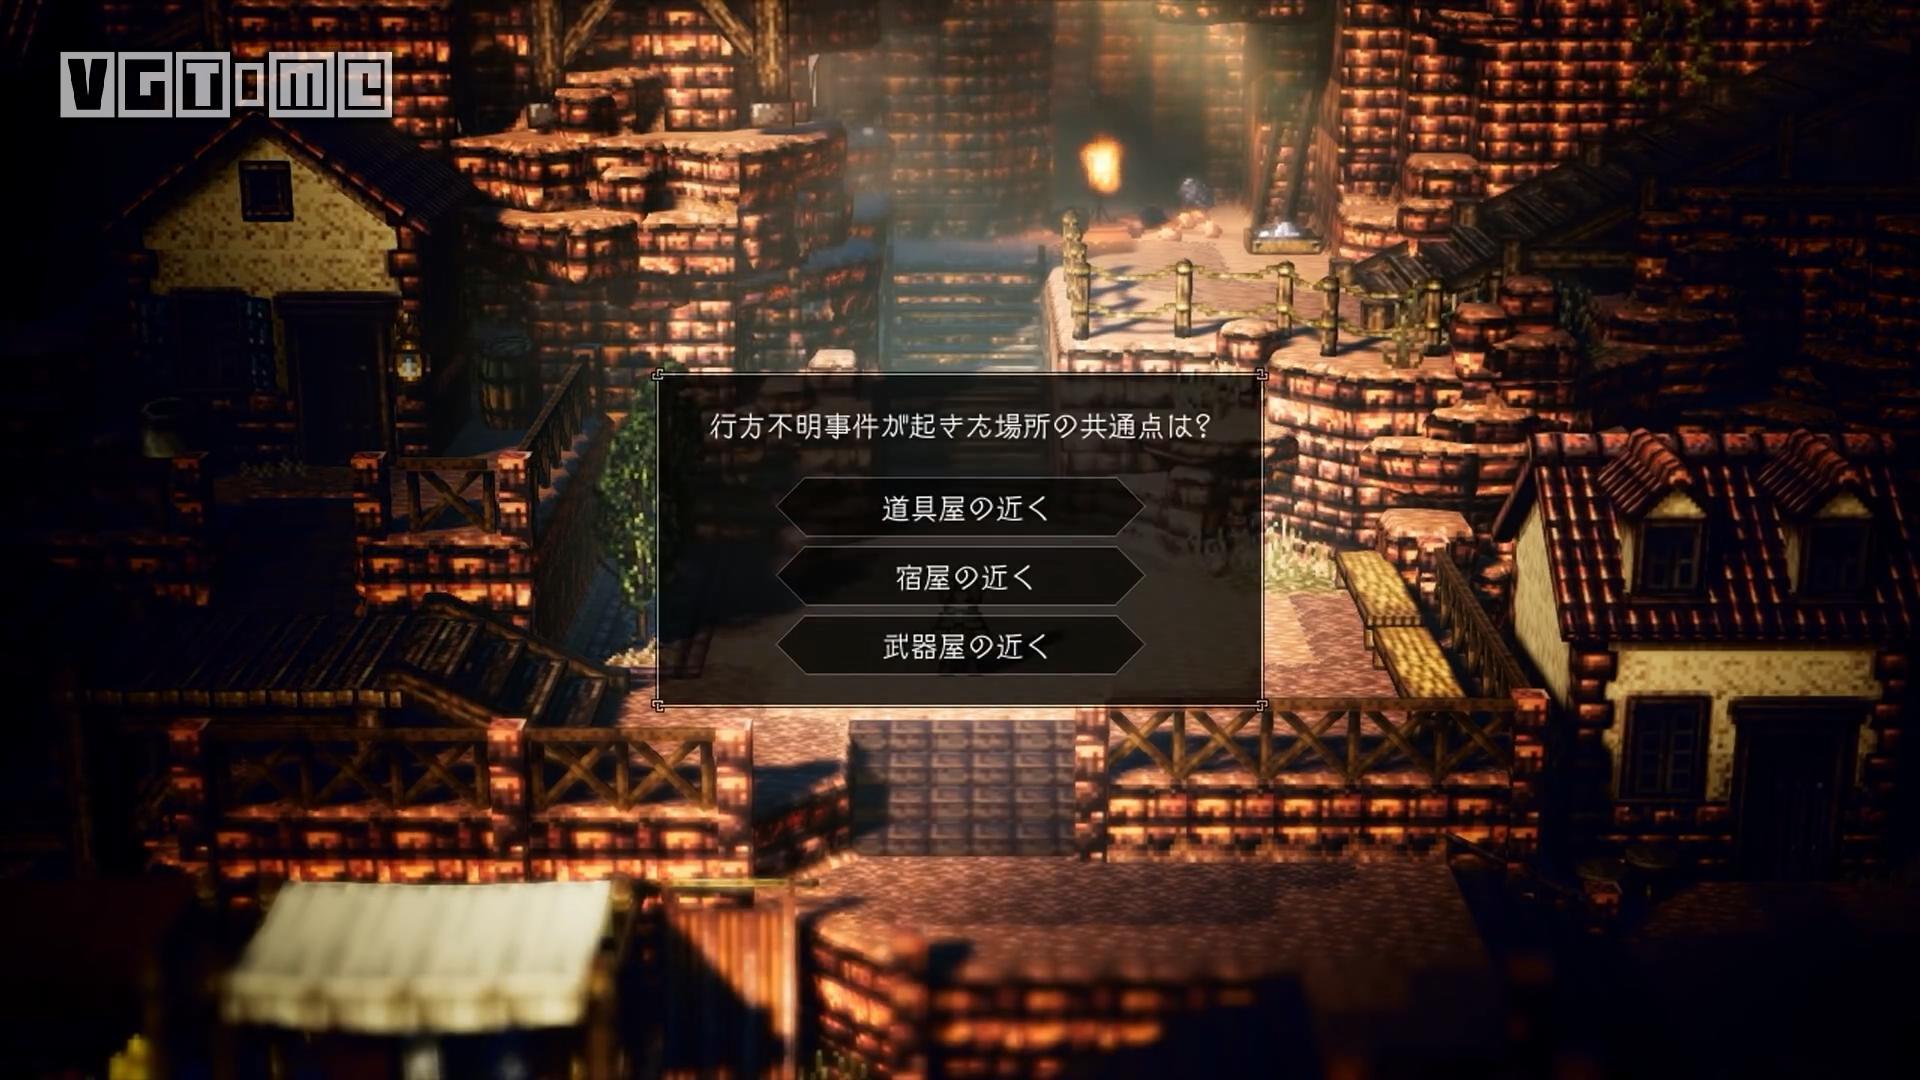 《八方旅人》预告片:把它当成侦探游戏来玩